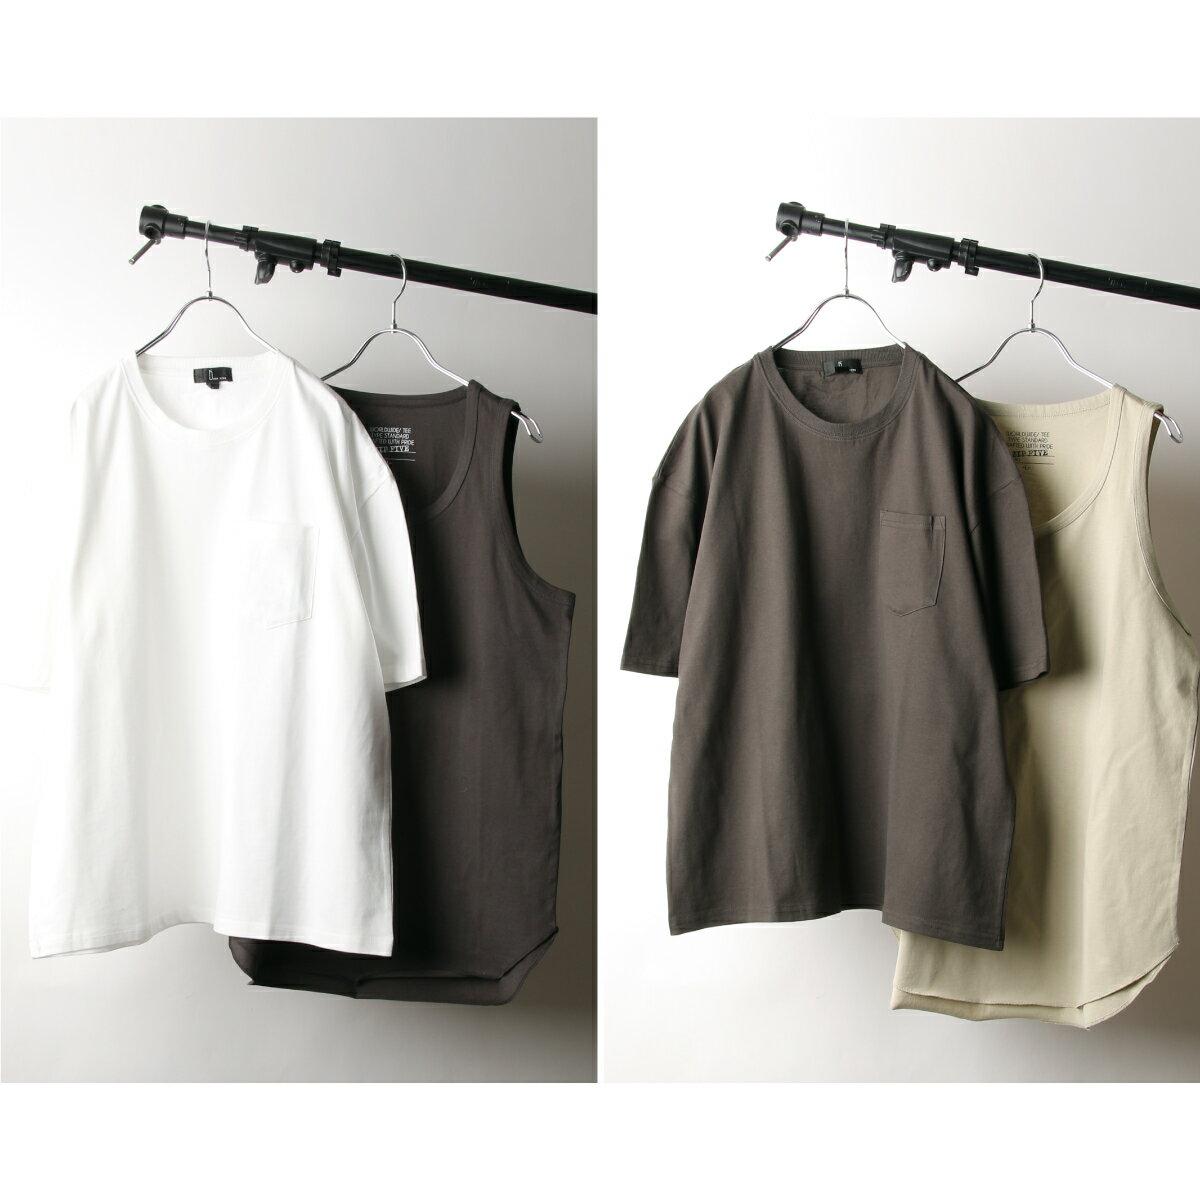 【New】五分袖T恤&長版坦克背心 兩件組 8